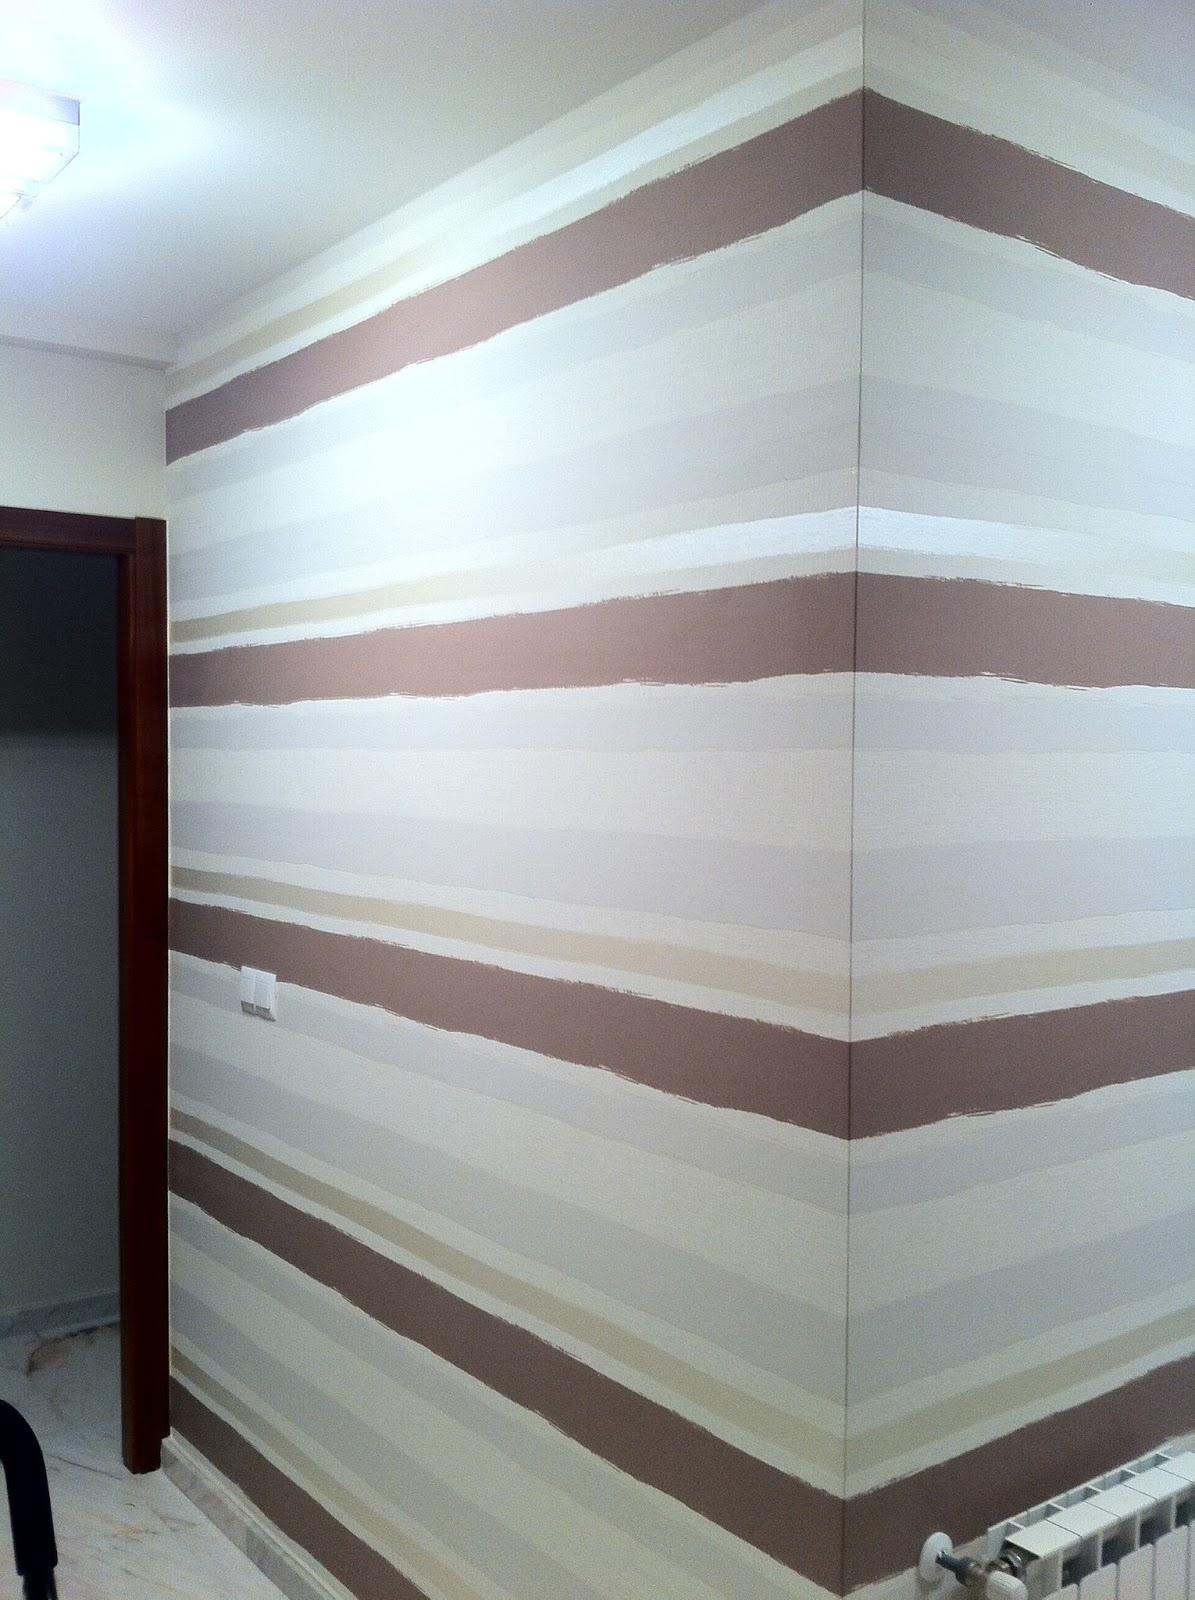 Papel pintado rayas horizontales alfer decoraci ns c b - Pintar paredes a rayas horizontales ...